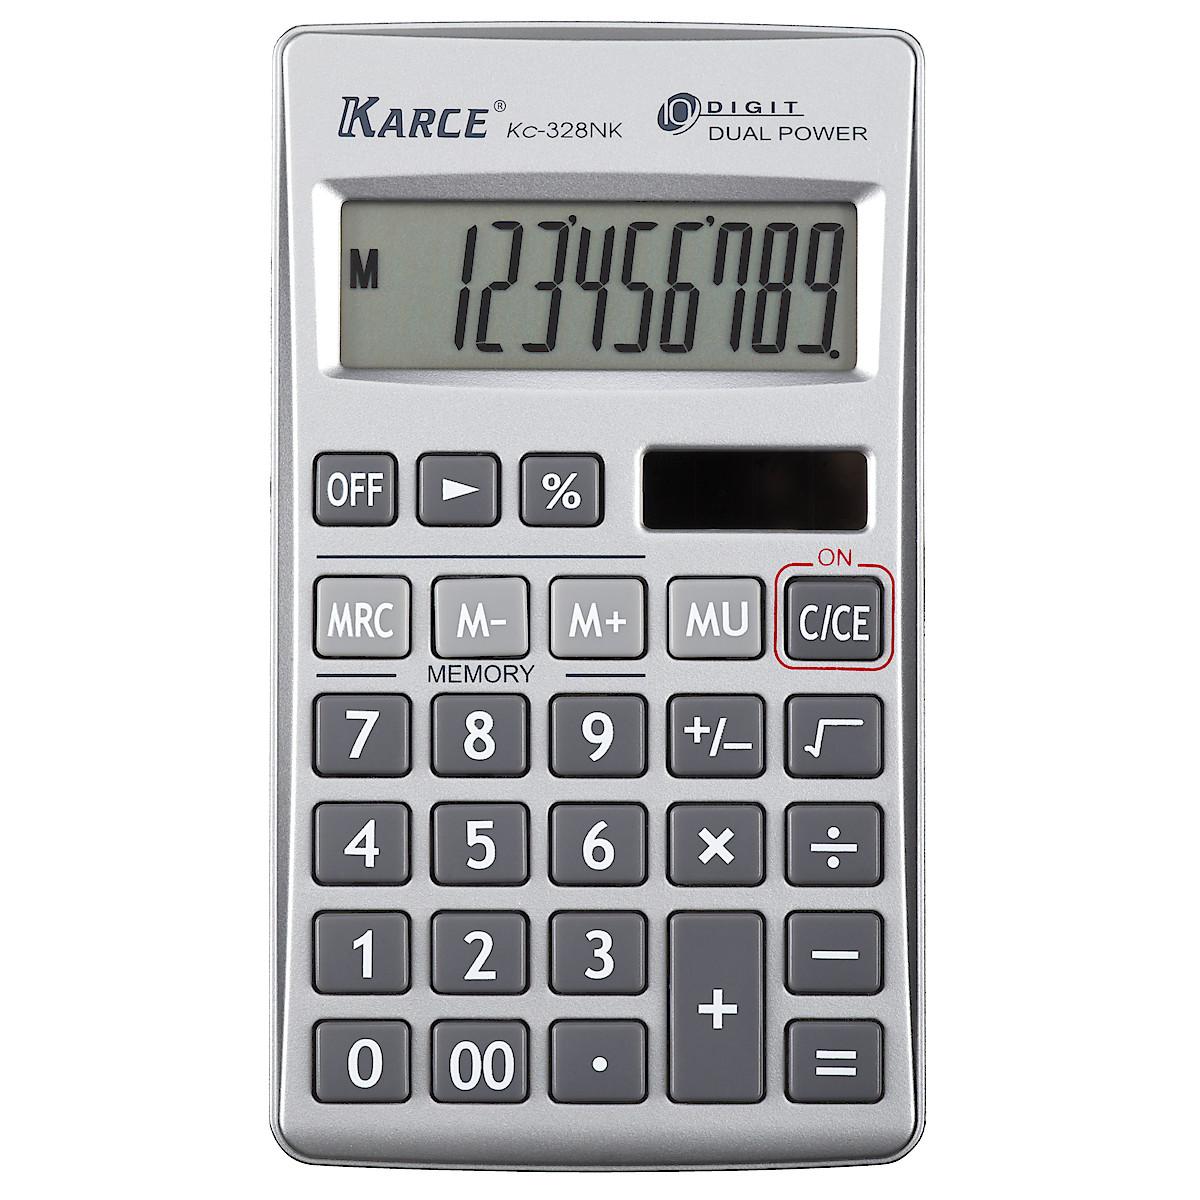 Miniräknare i fickformat